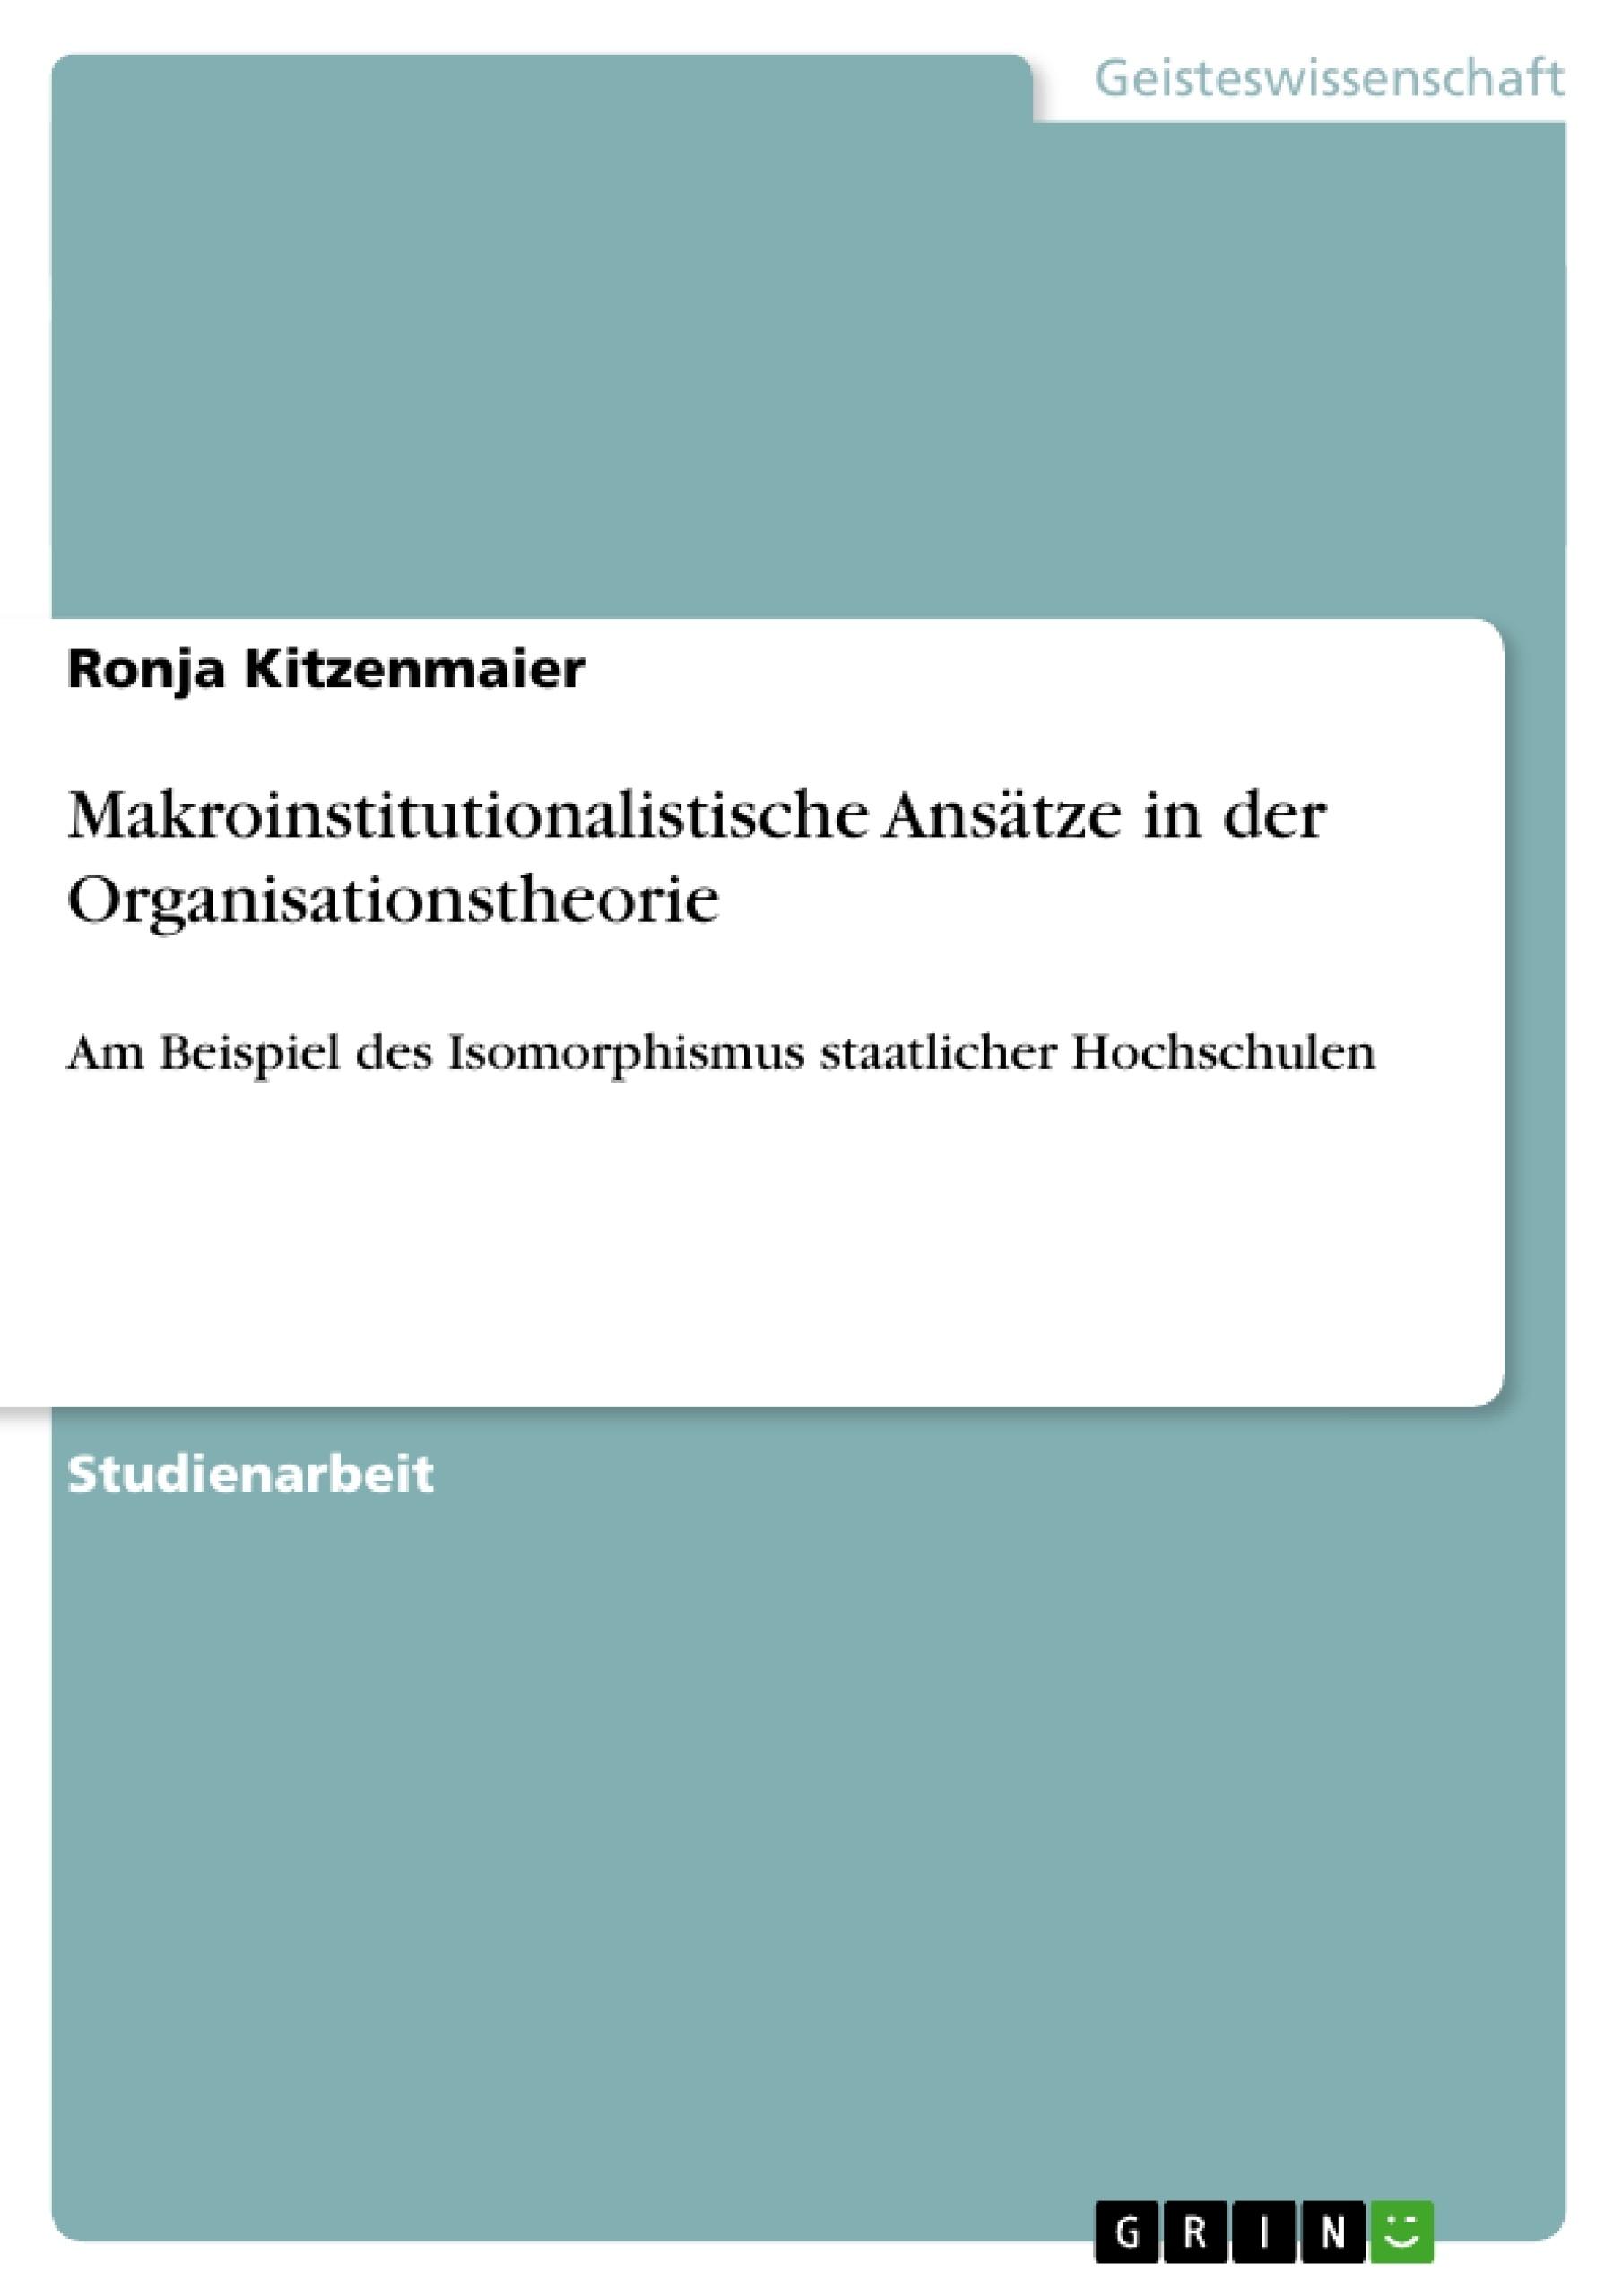 Titel: Makroinstitutionalistische Ansätze in der Organisationstheorie